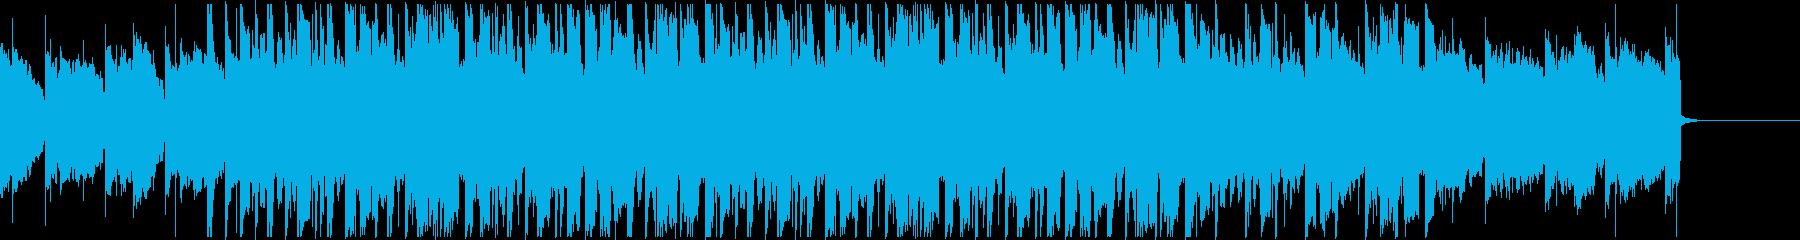 哀愁漂うエモいLo-fiビートの再生済みの波形